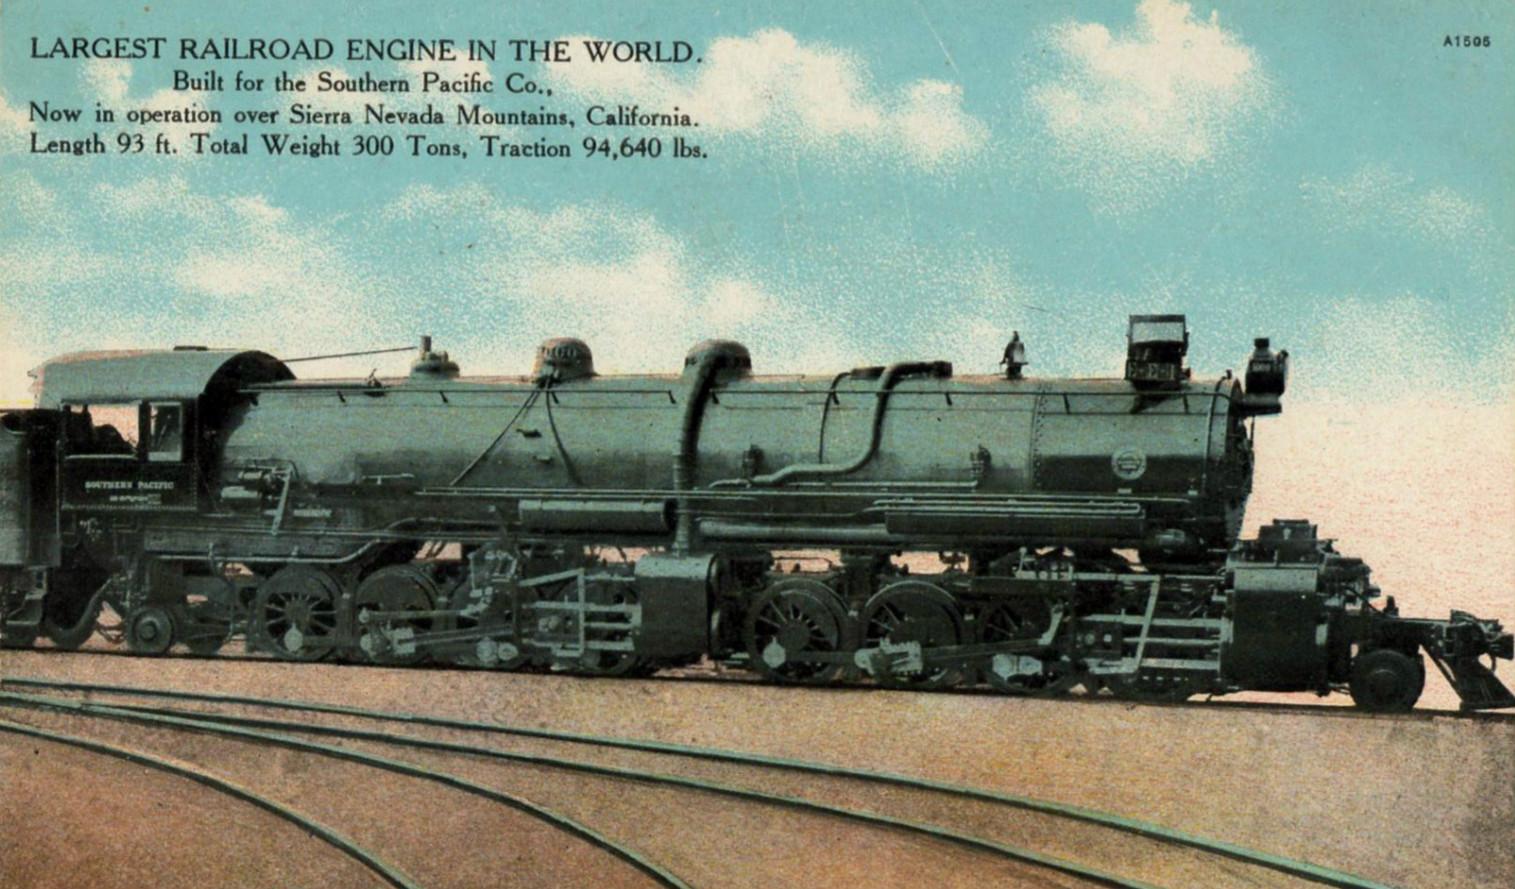 File:Southern Pacific 2-8-8-2 steam locomotive circa 1909